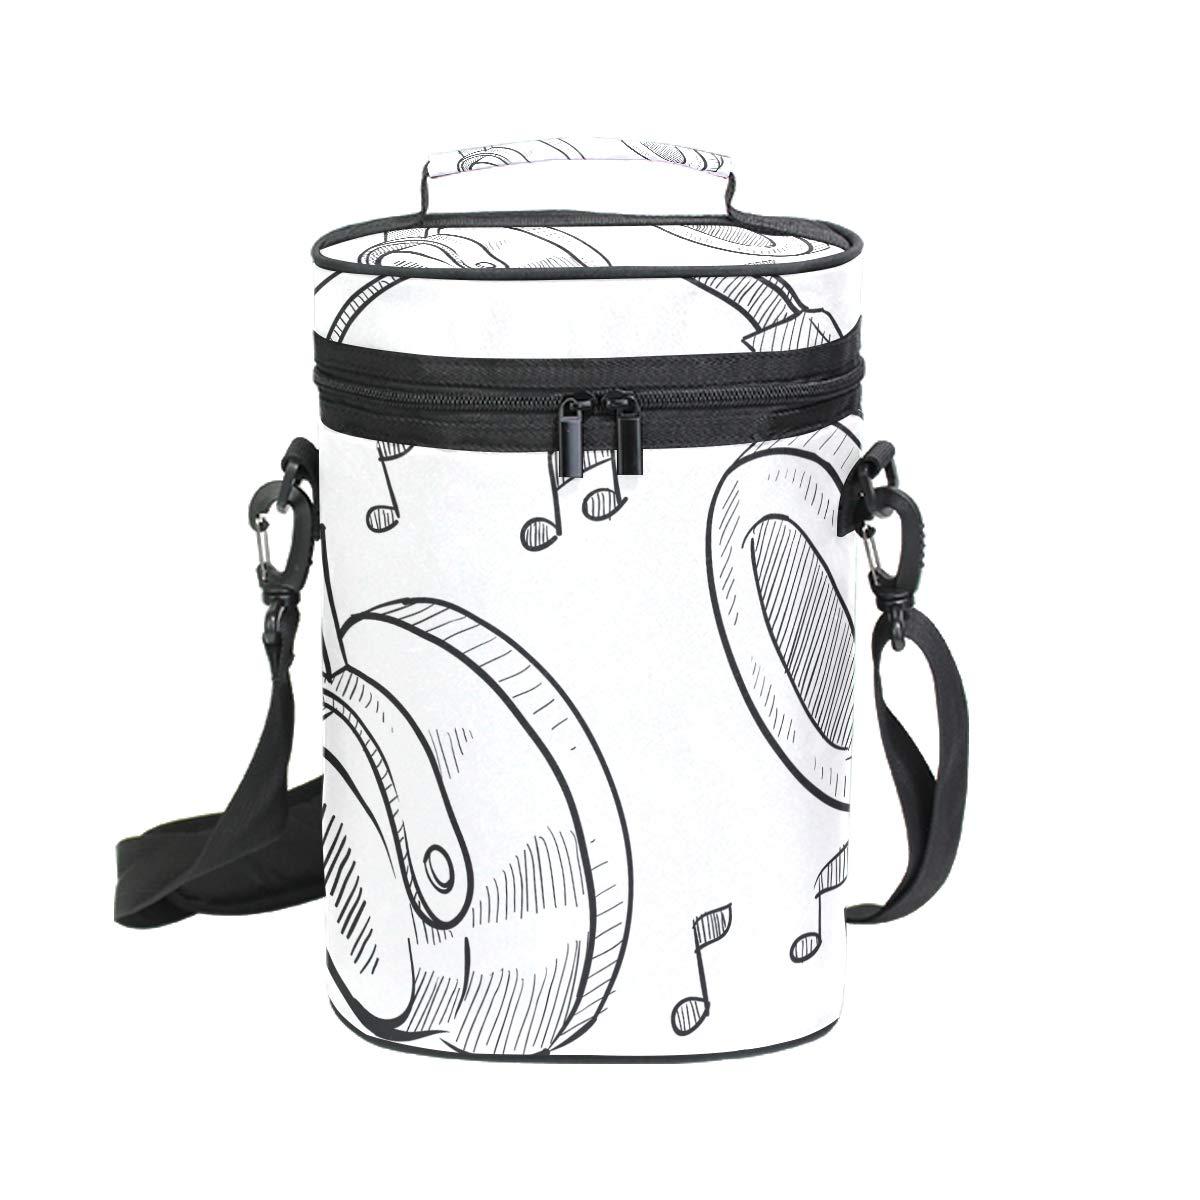 COOSUN Music Casque de transport isotherme croquis avec poignée et bandoulière réglable